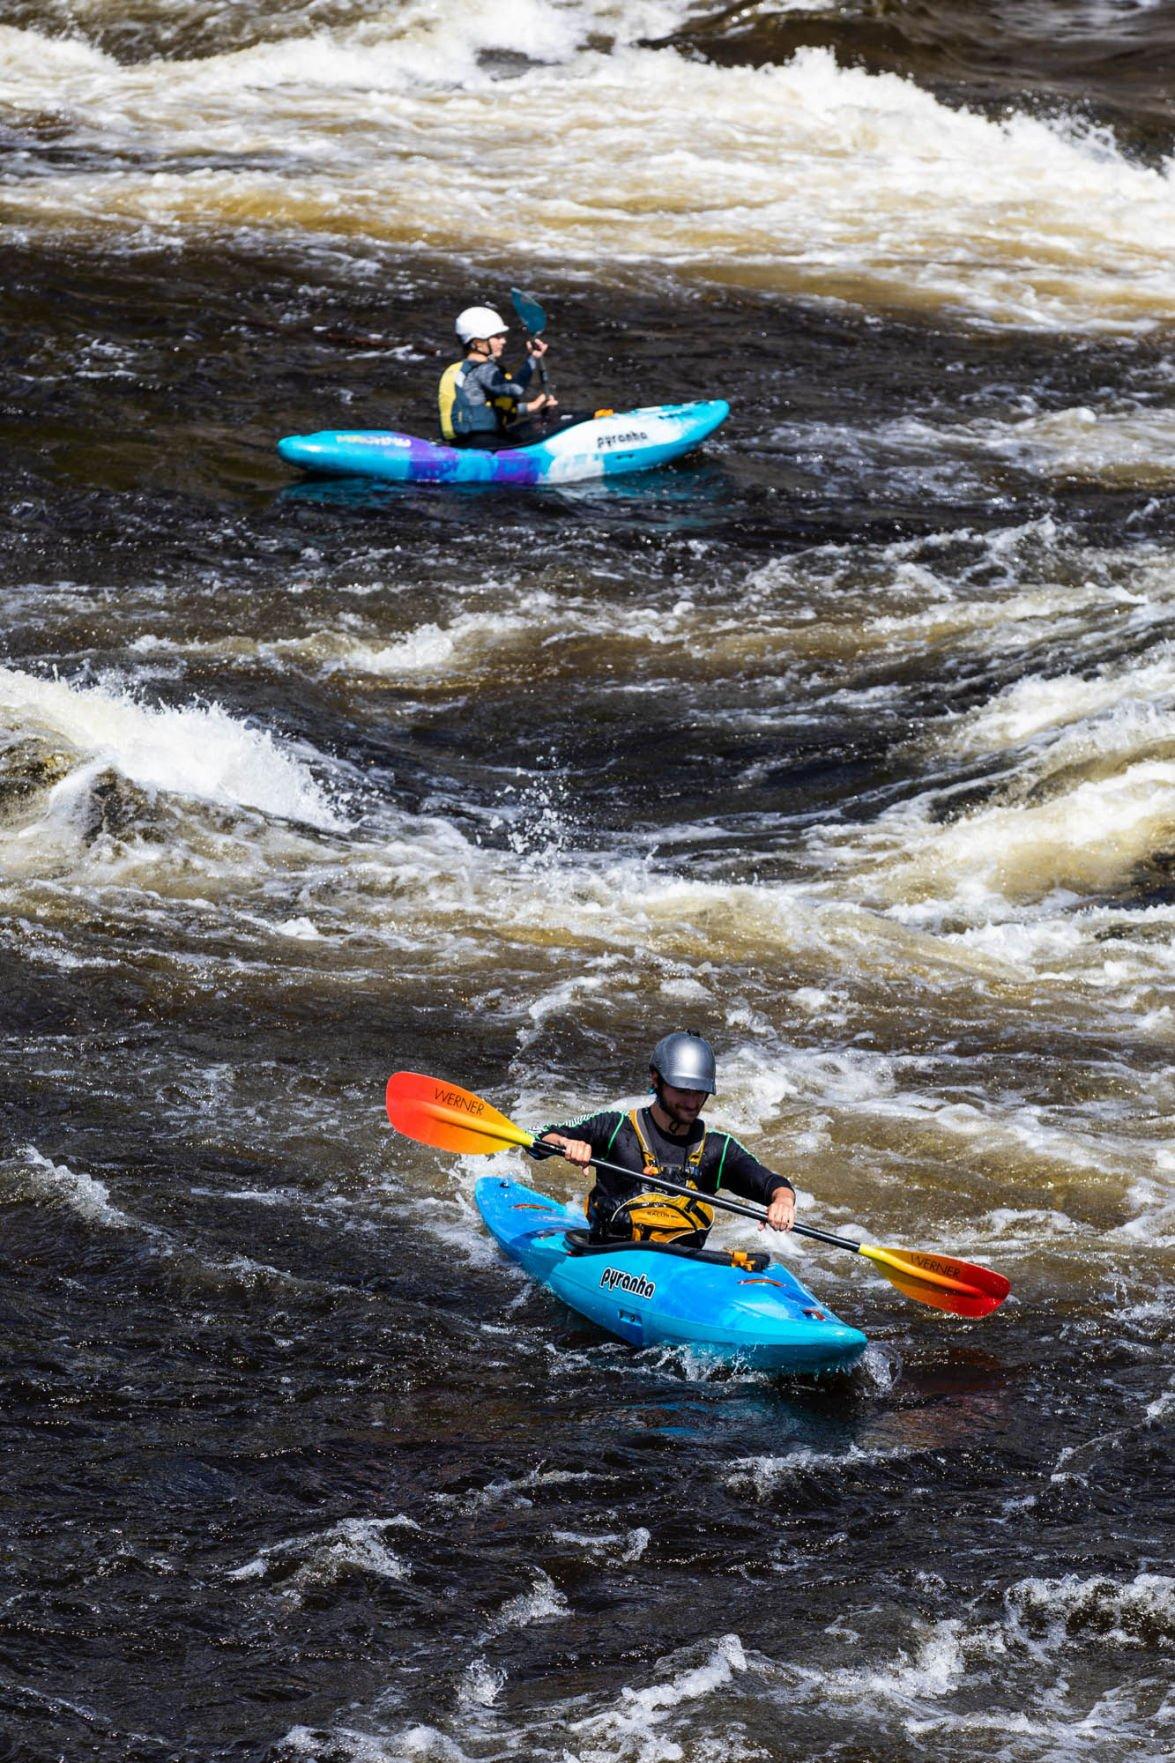 Riding the kayaking wave